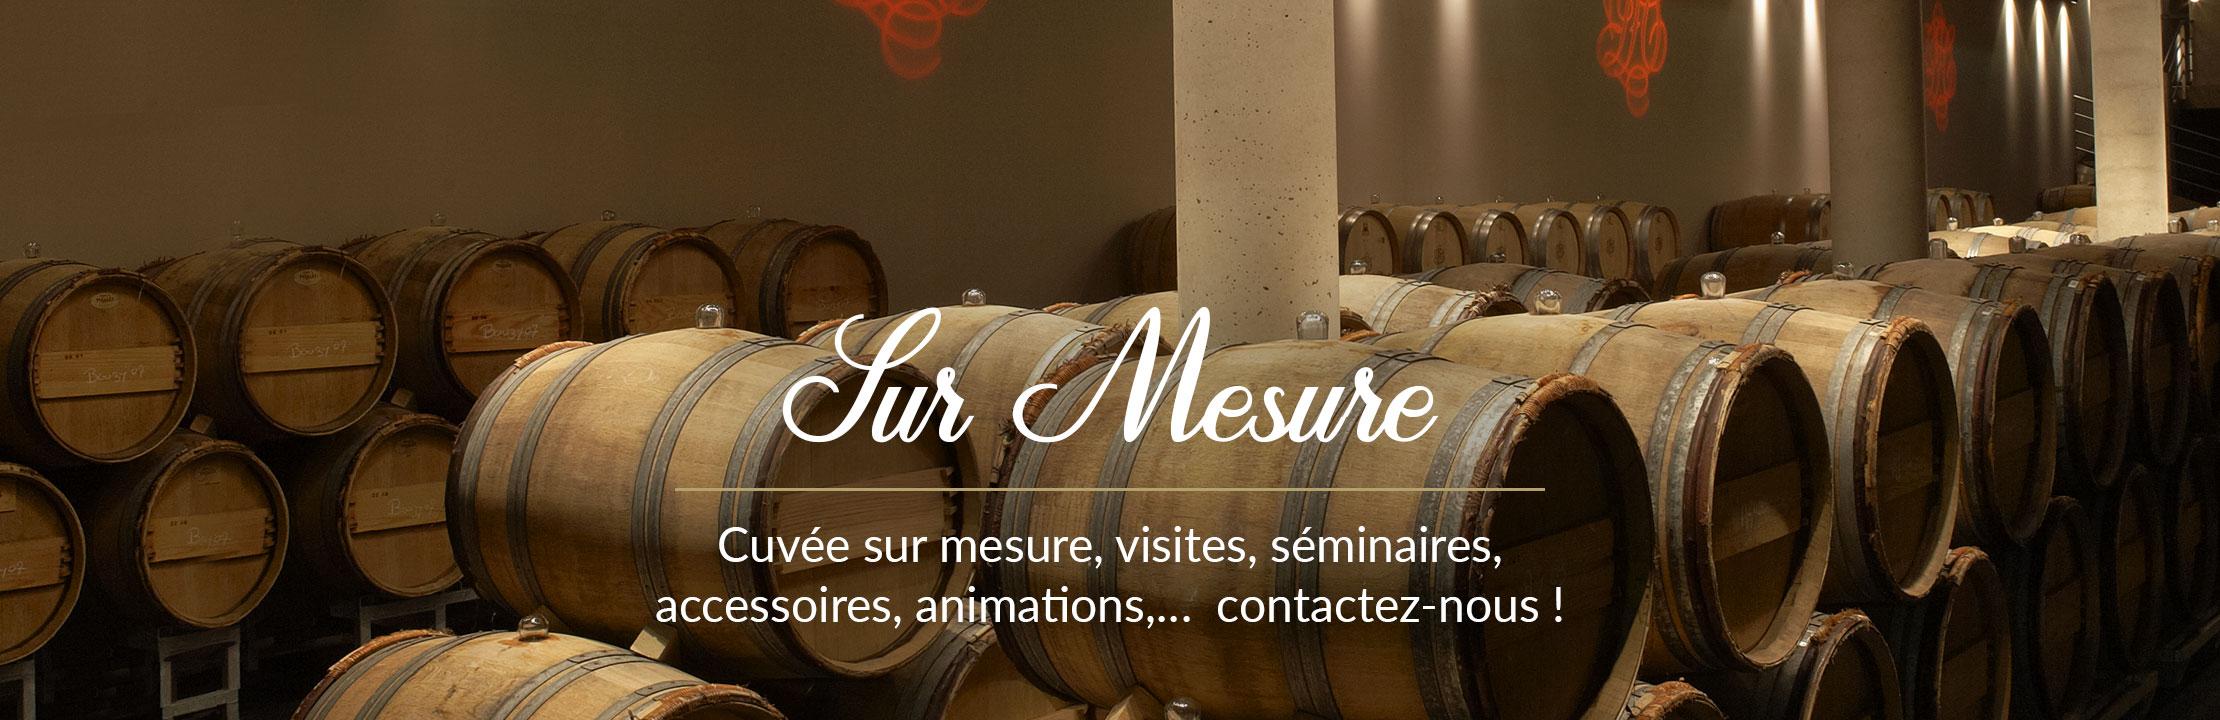 Contactez-nous pour nos offres sur mesure : cuvée spéciale, séminaires, visites,...